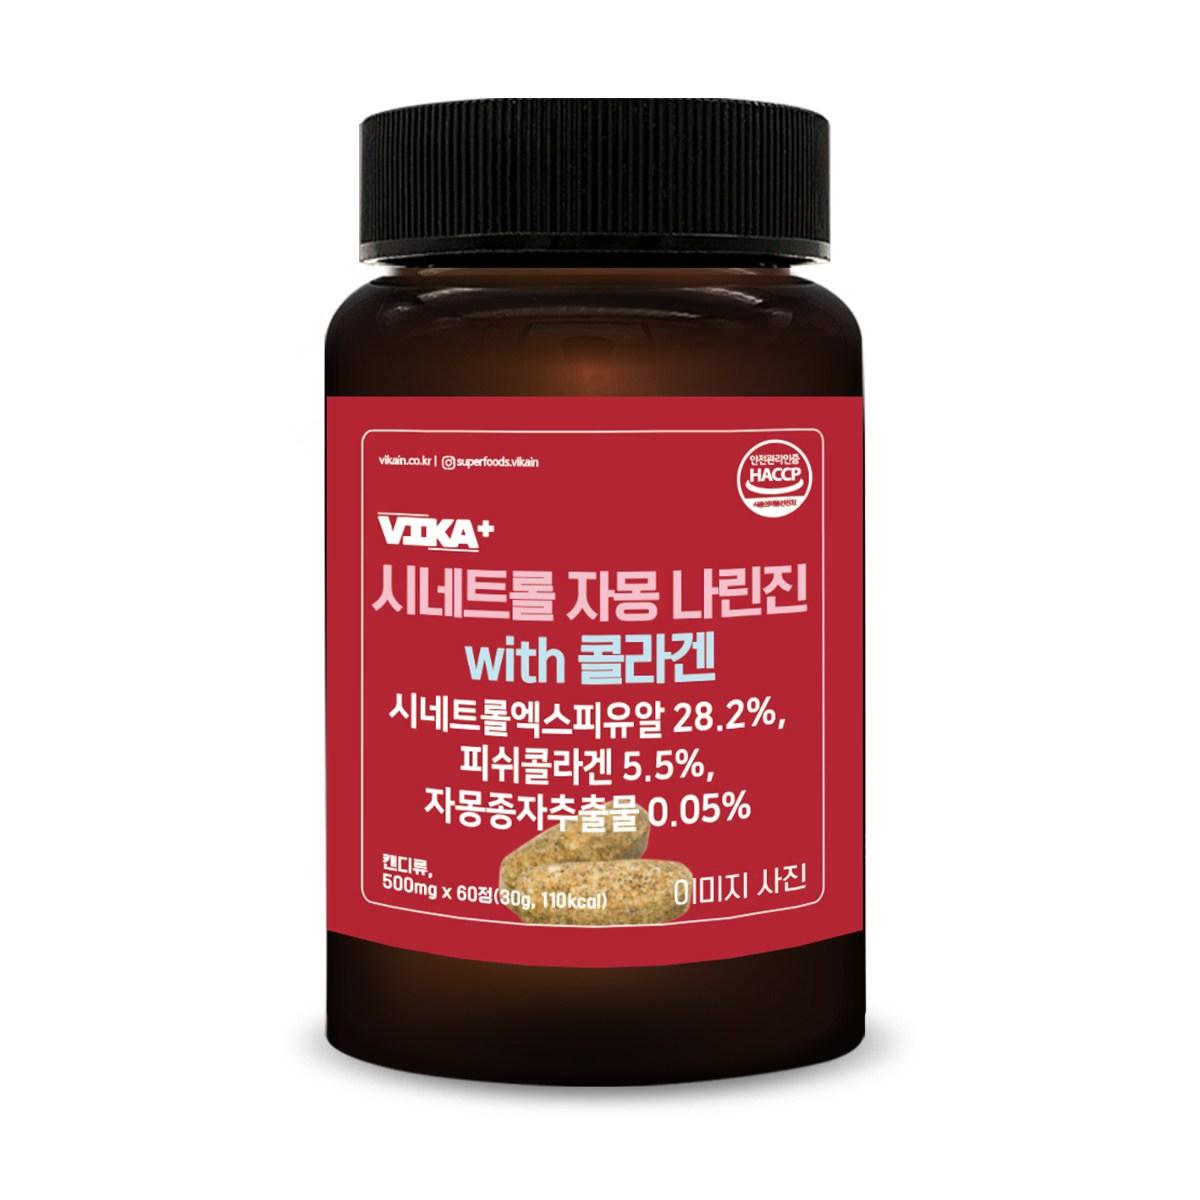 비카인 시네트롤 자몽 나린진 with 콜라겐, 60정(1개월분), 1통